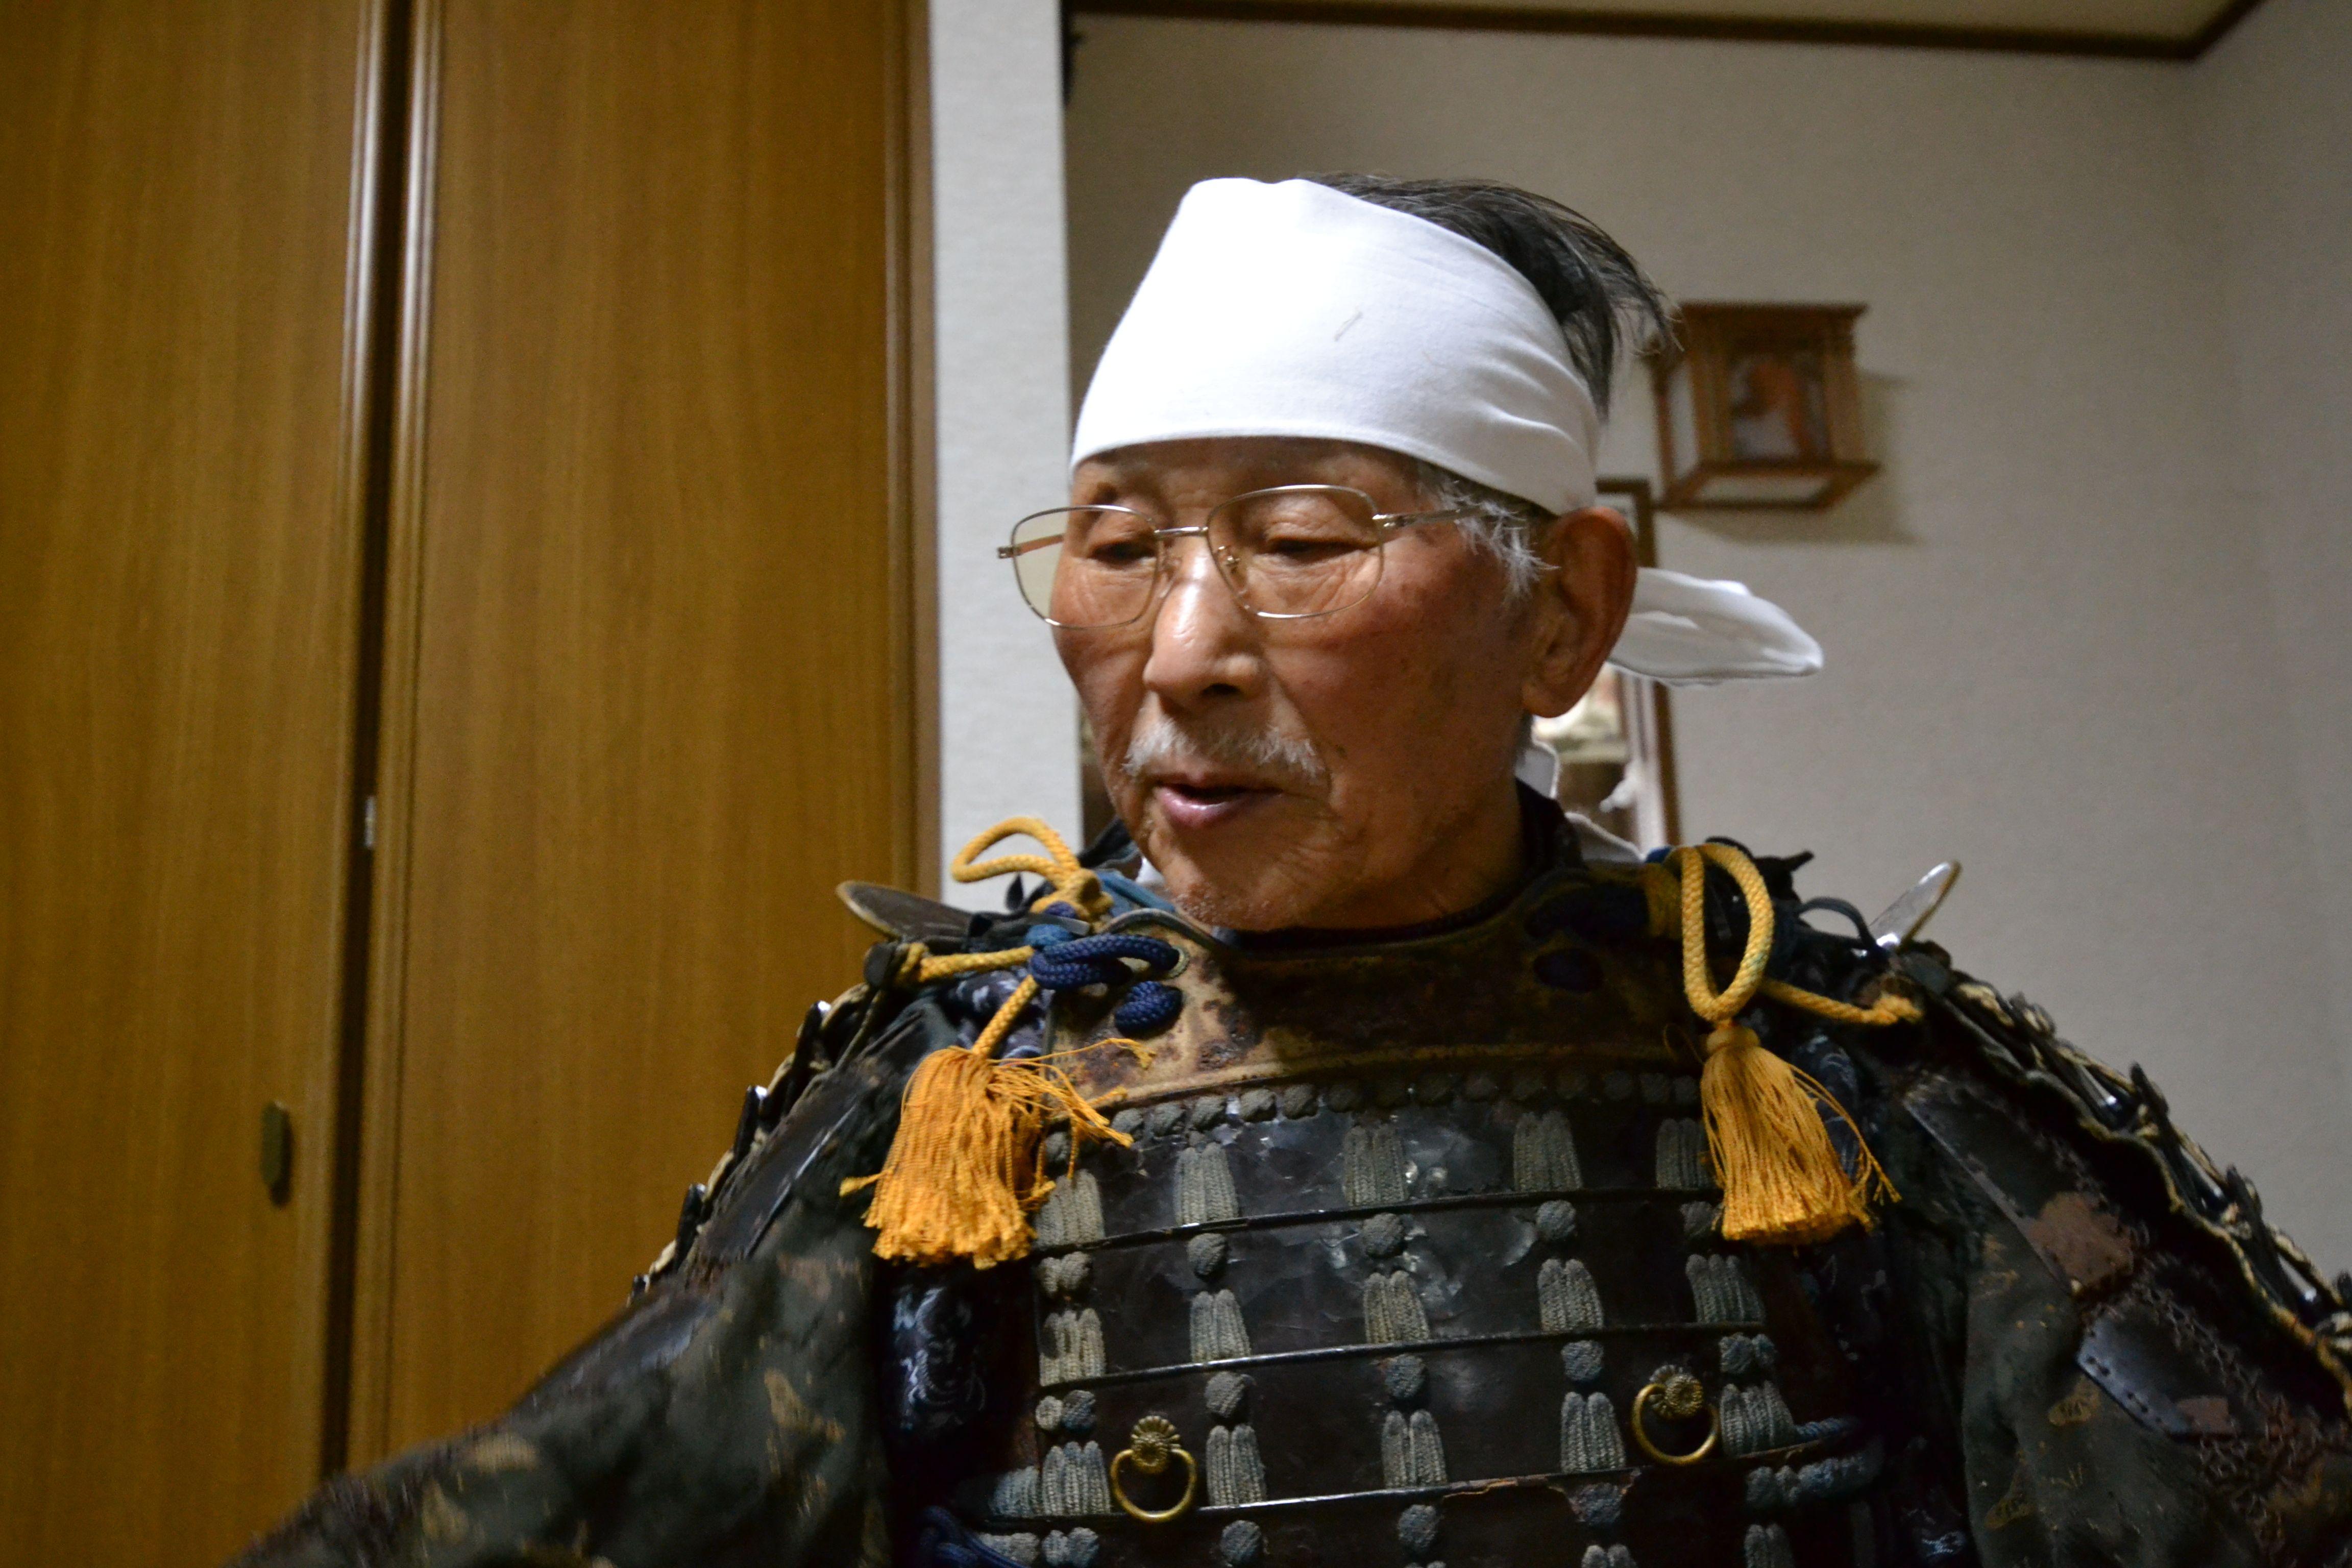 odaka samurai portrait dressed in armor.jpg